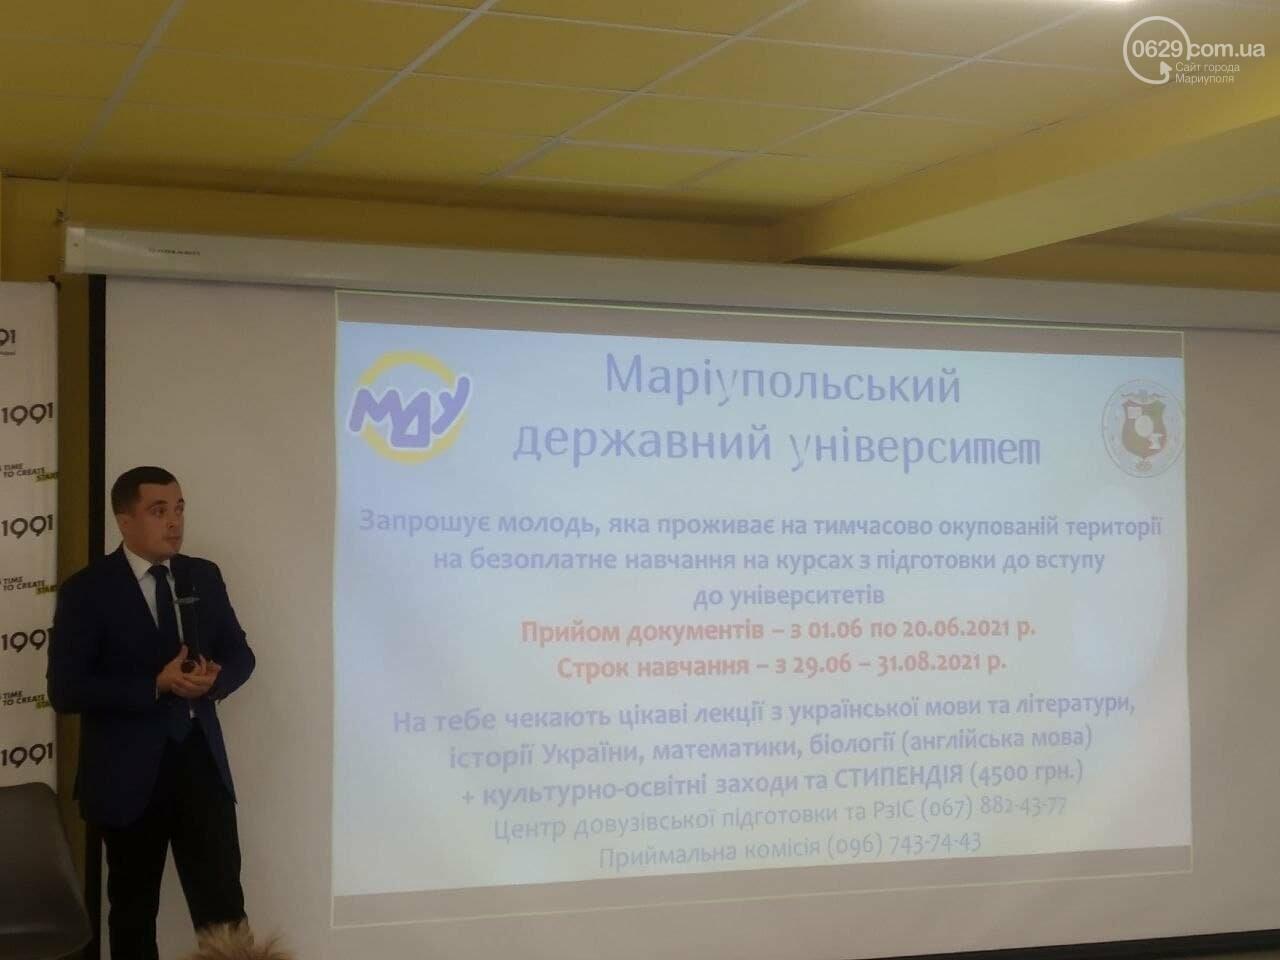 Не замечая войну. В Мариуполе Национальная платформа примирения презентовала стратегию возвращения Донбасса, - ФОТО, фото-3